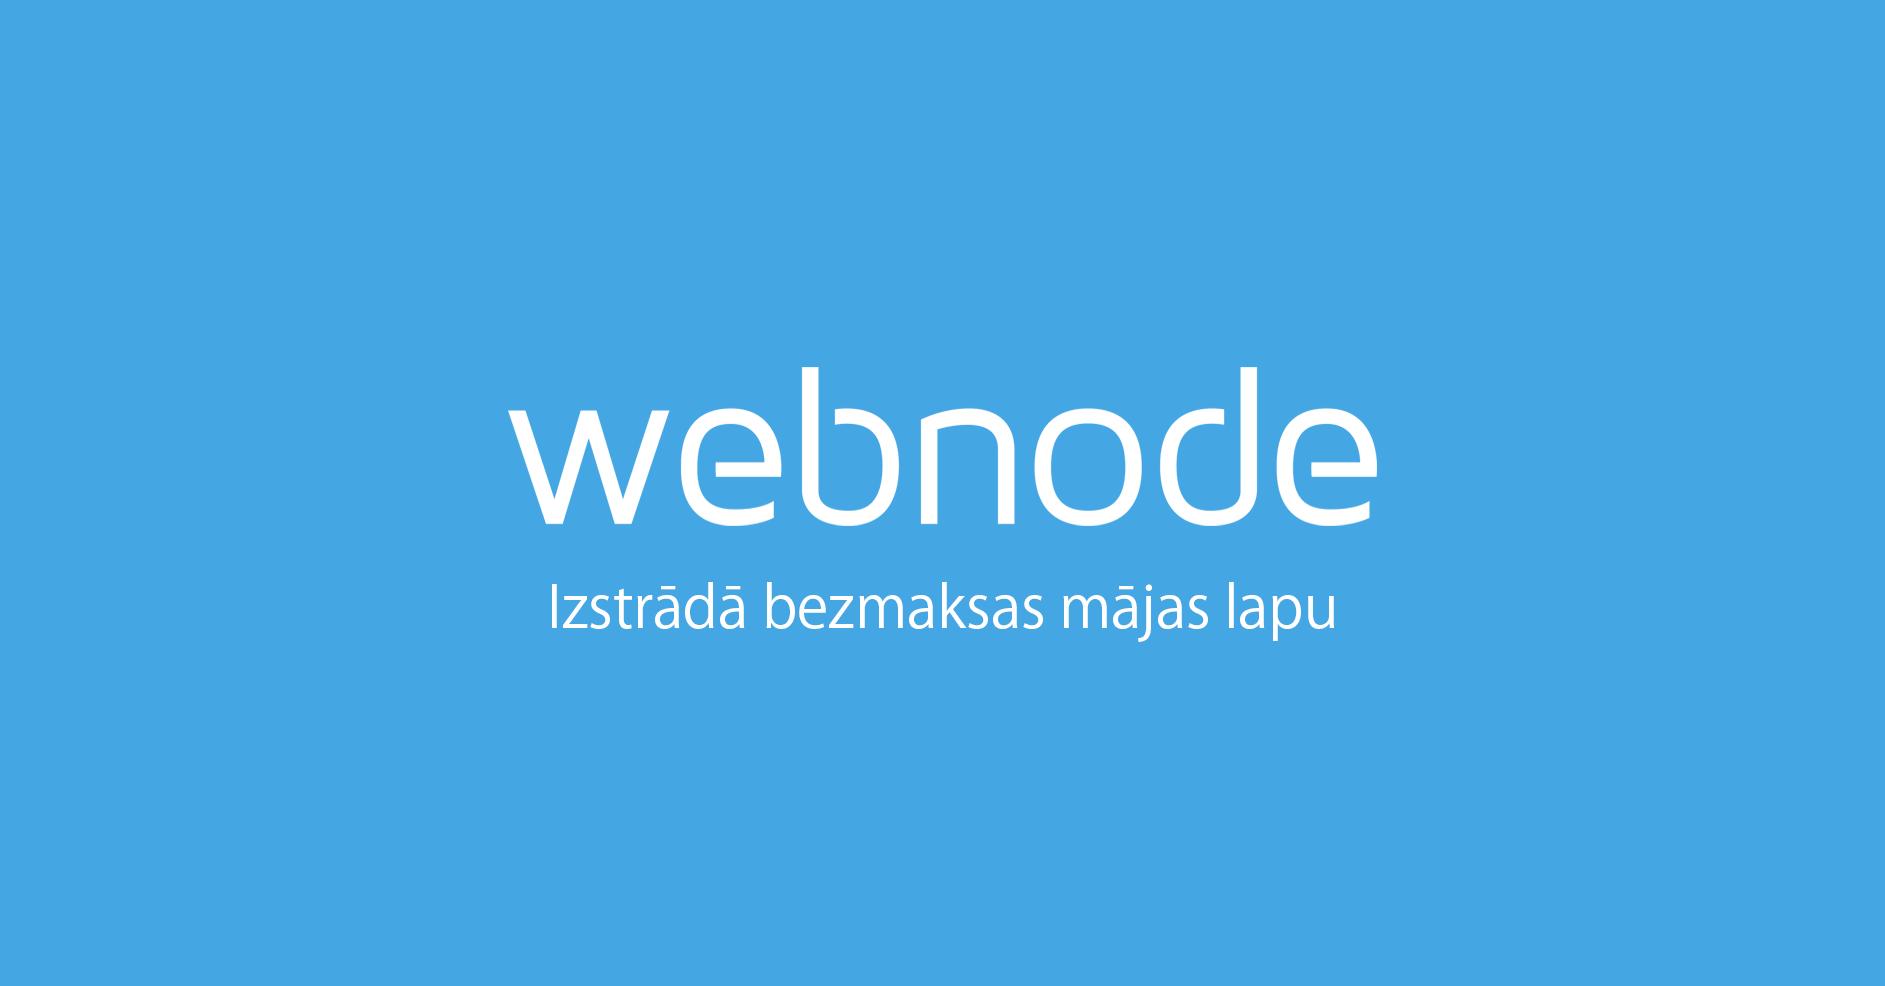 (c) Webnode.lv